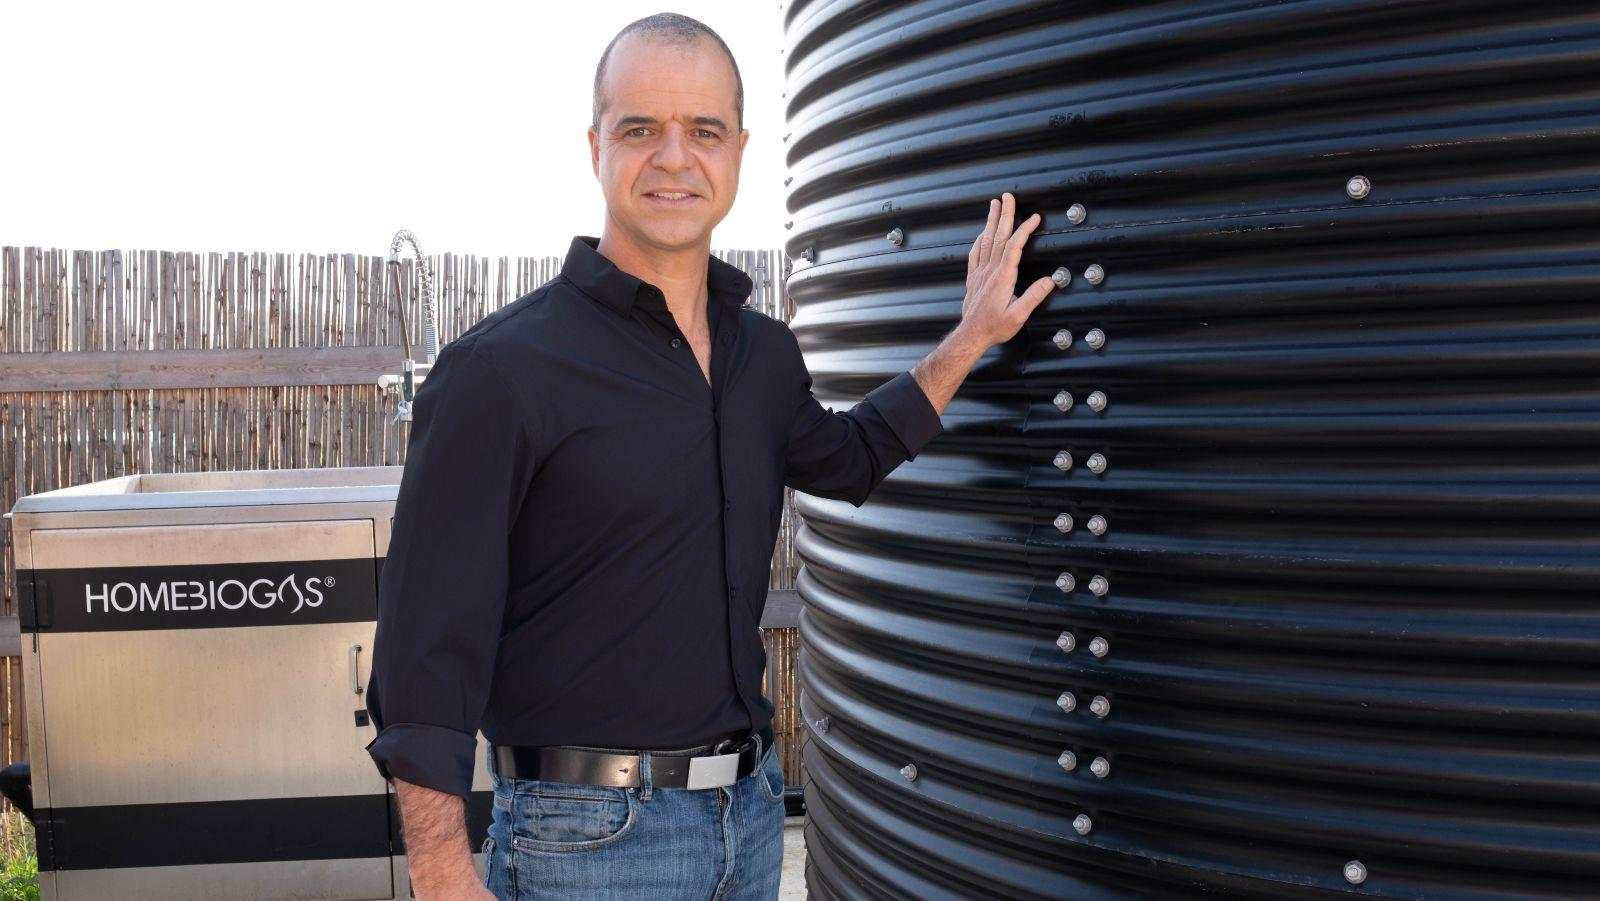 Tecnología limpia israelí llega a naciones latinoamericanas